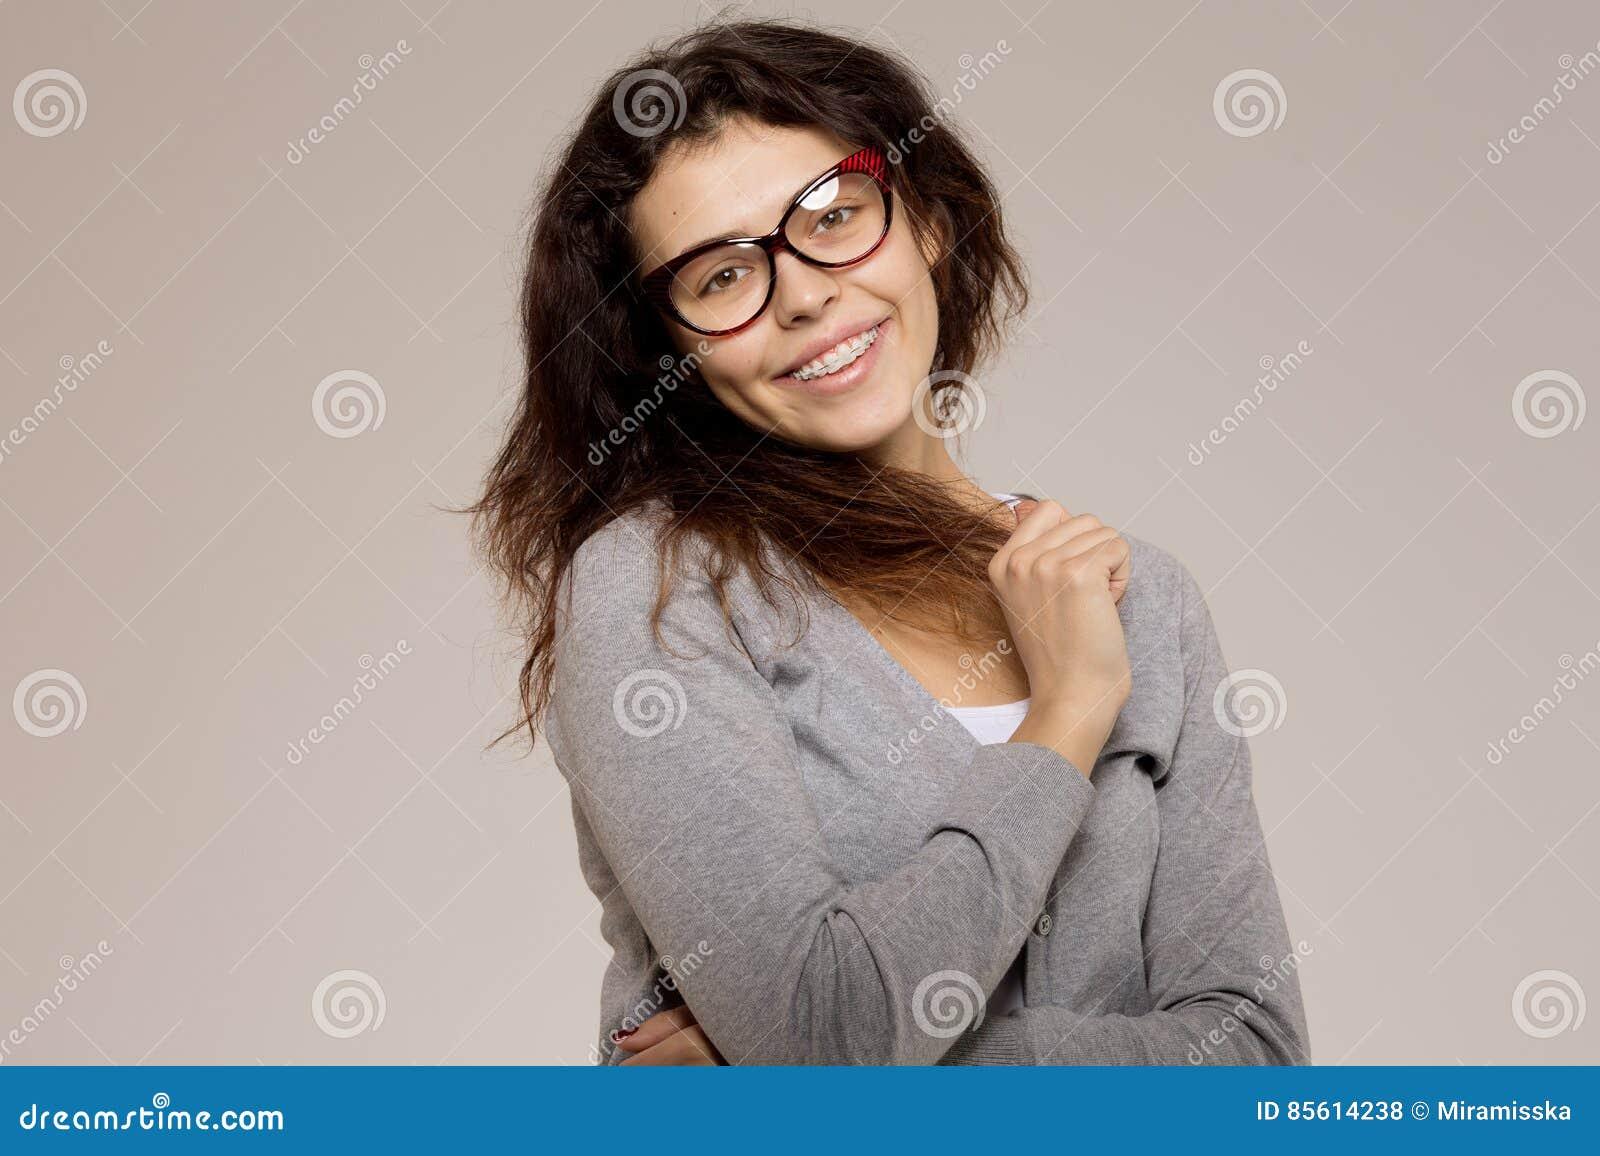 Hidden Cam College Girl